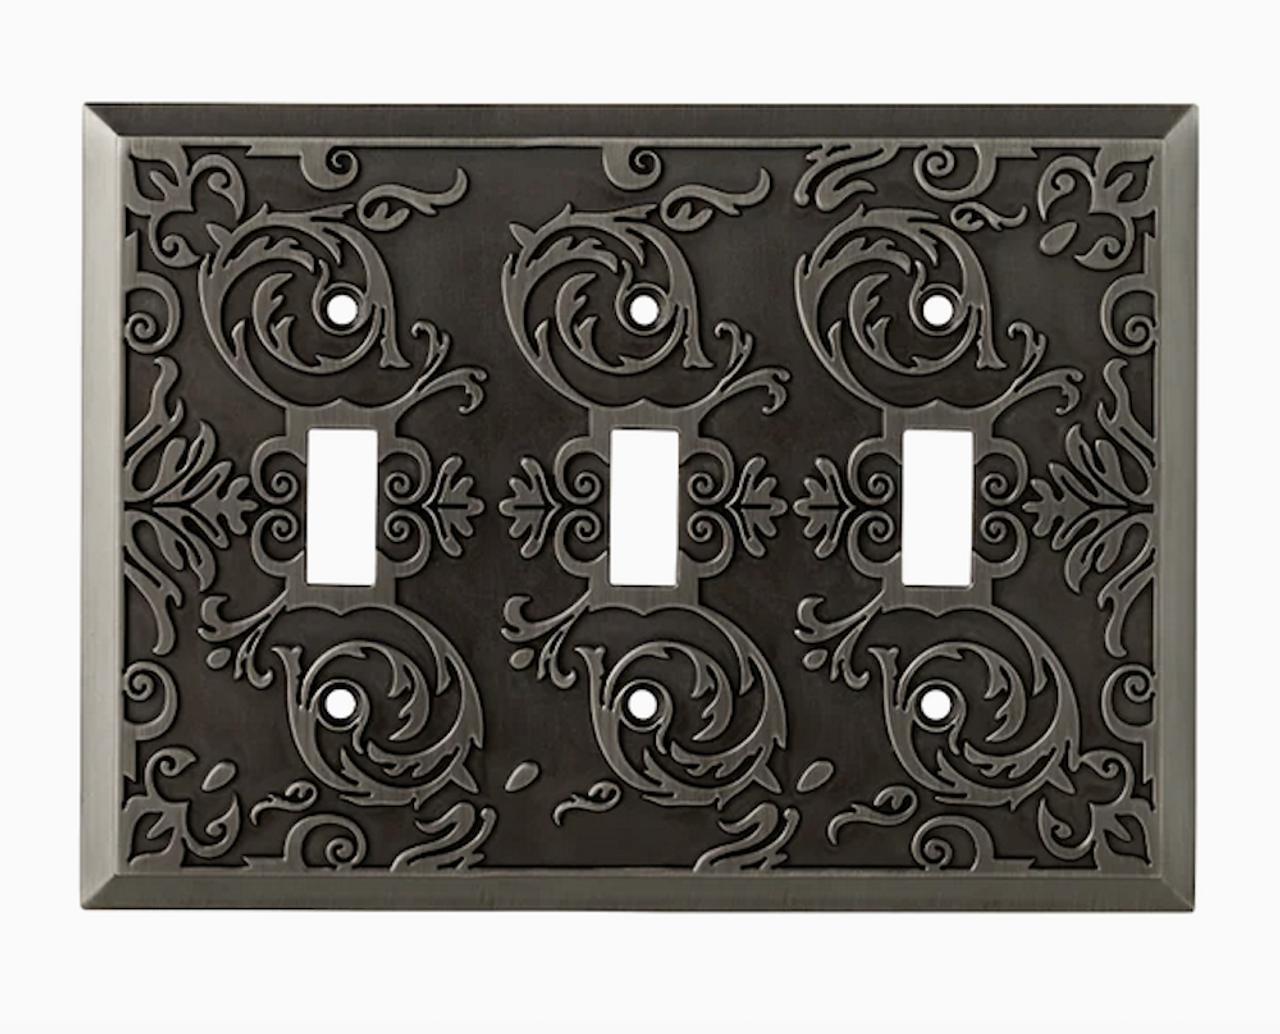 W27114-904 Fairhope Heirloom Silver Triple Switch Cover Plate